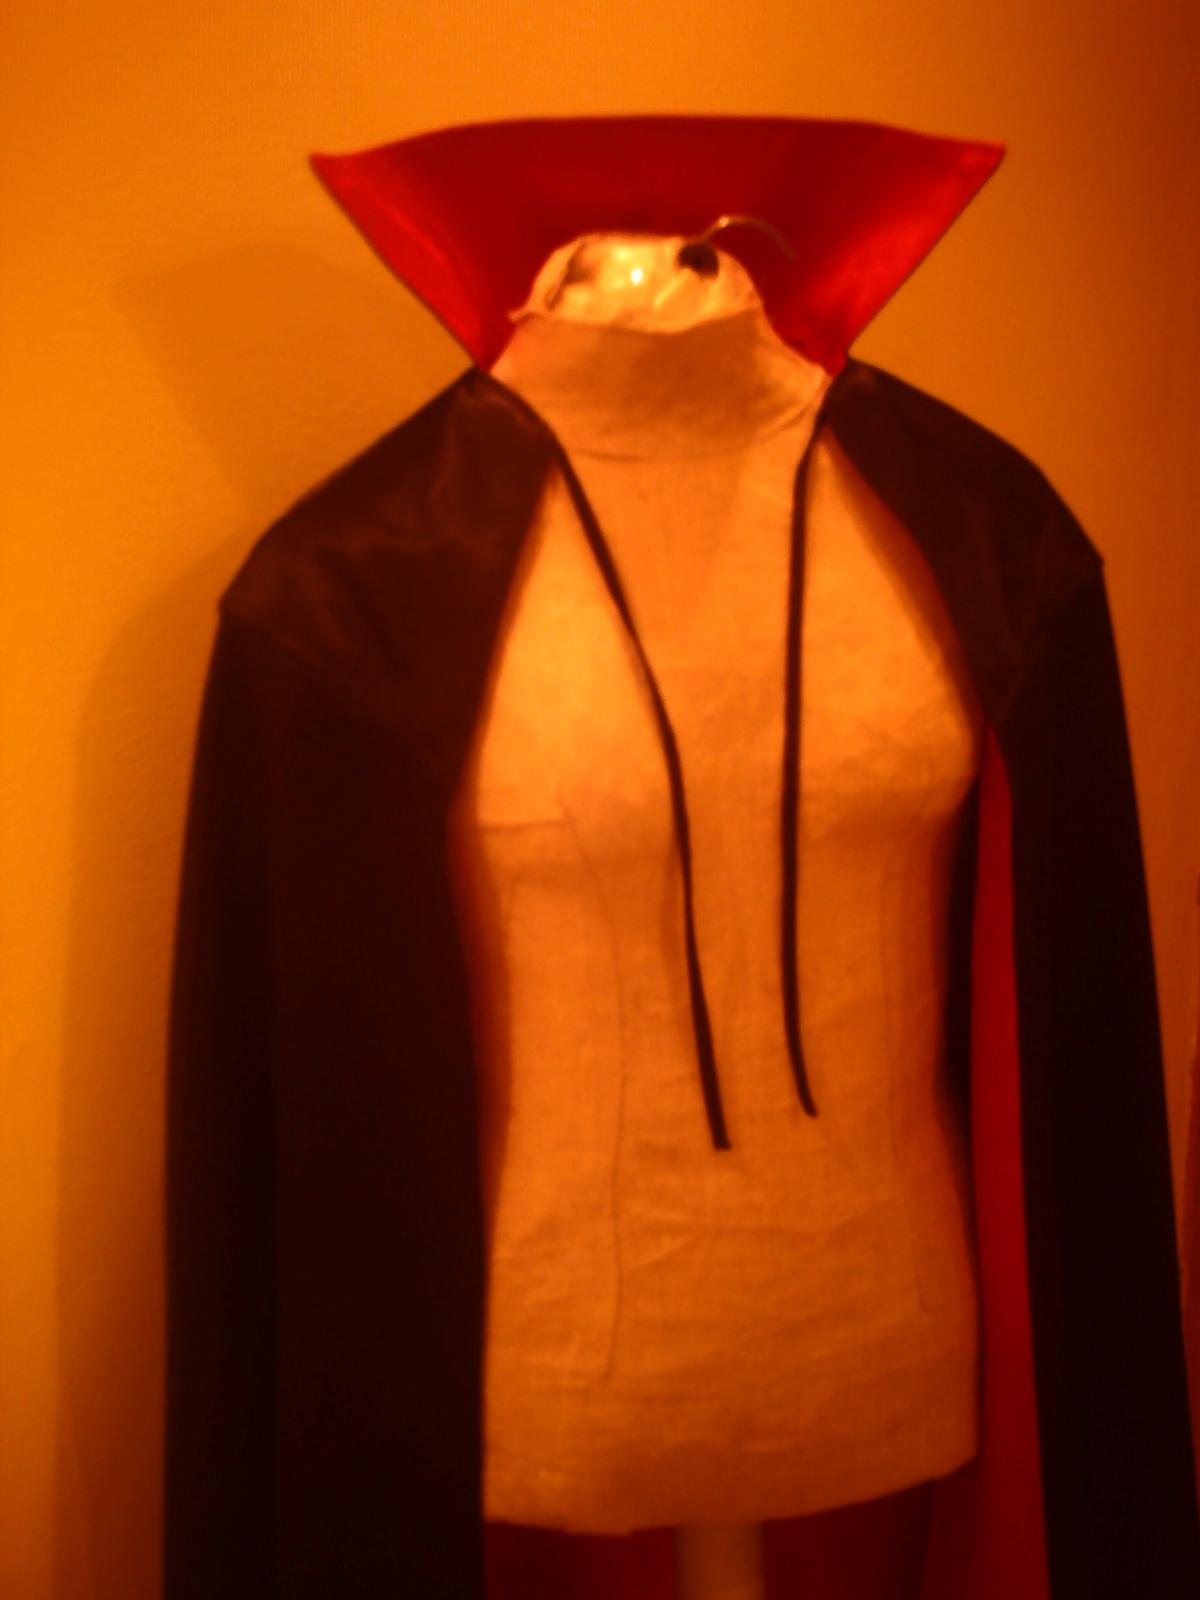 Тамбурный шов для вязания на спицах